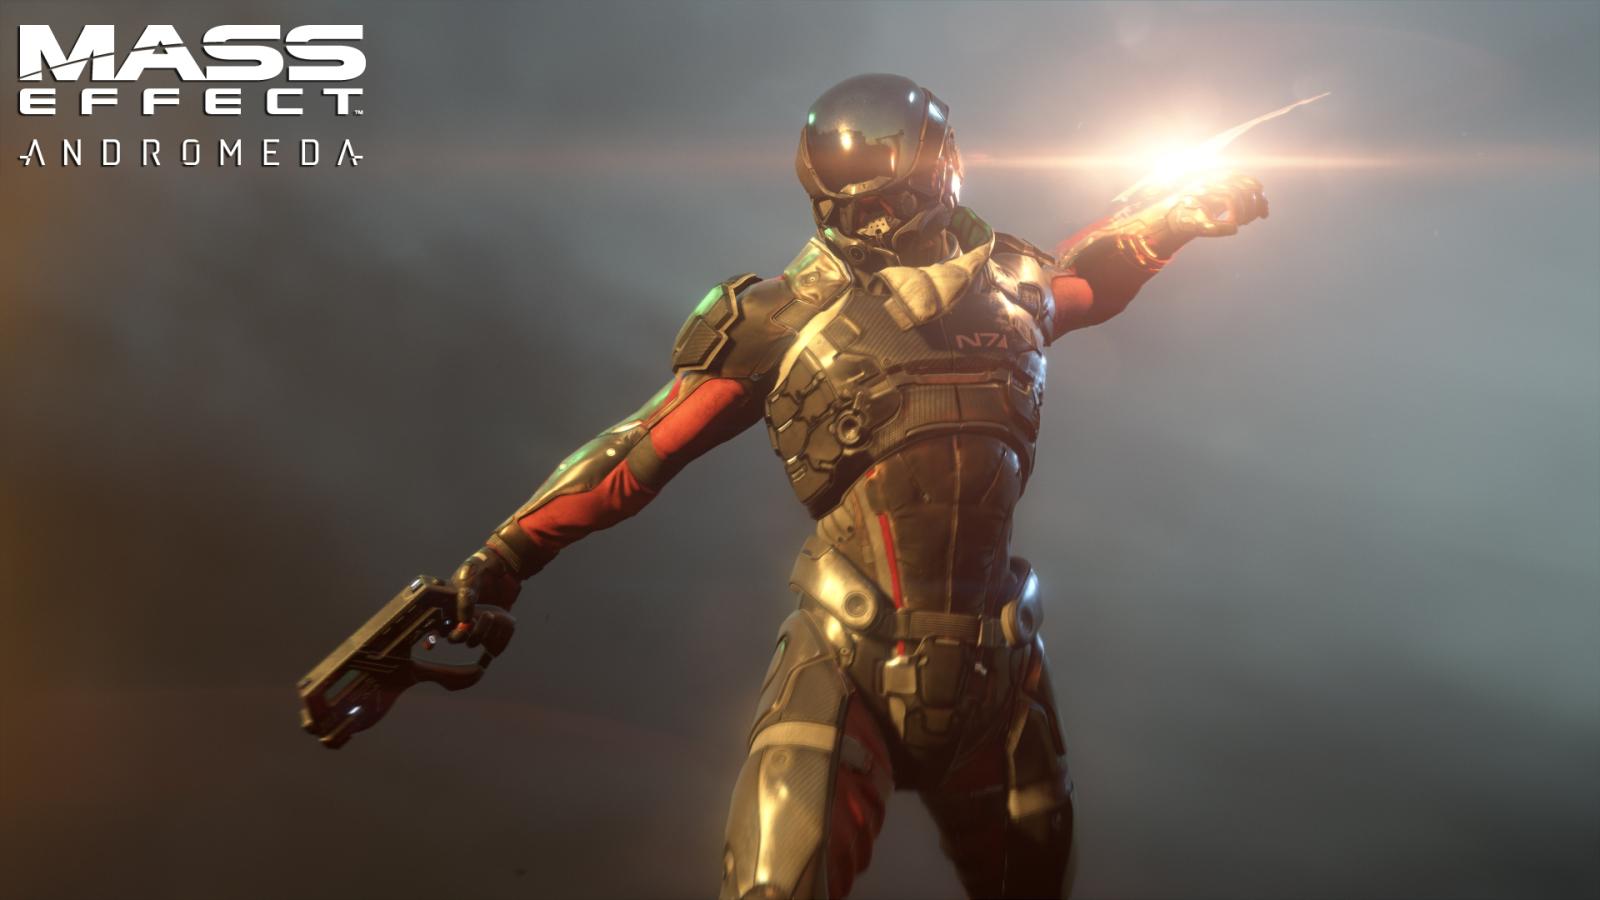 Финал Mass Effect 3 никак не повлияет на события Mass Effect: Andromeda